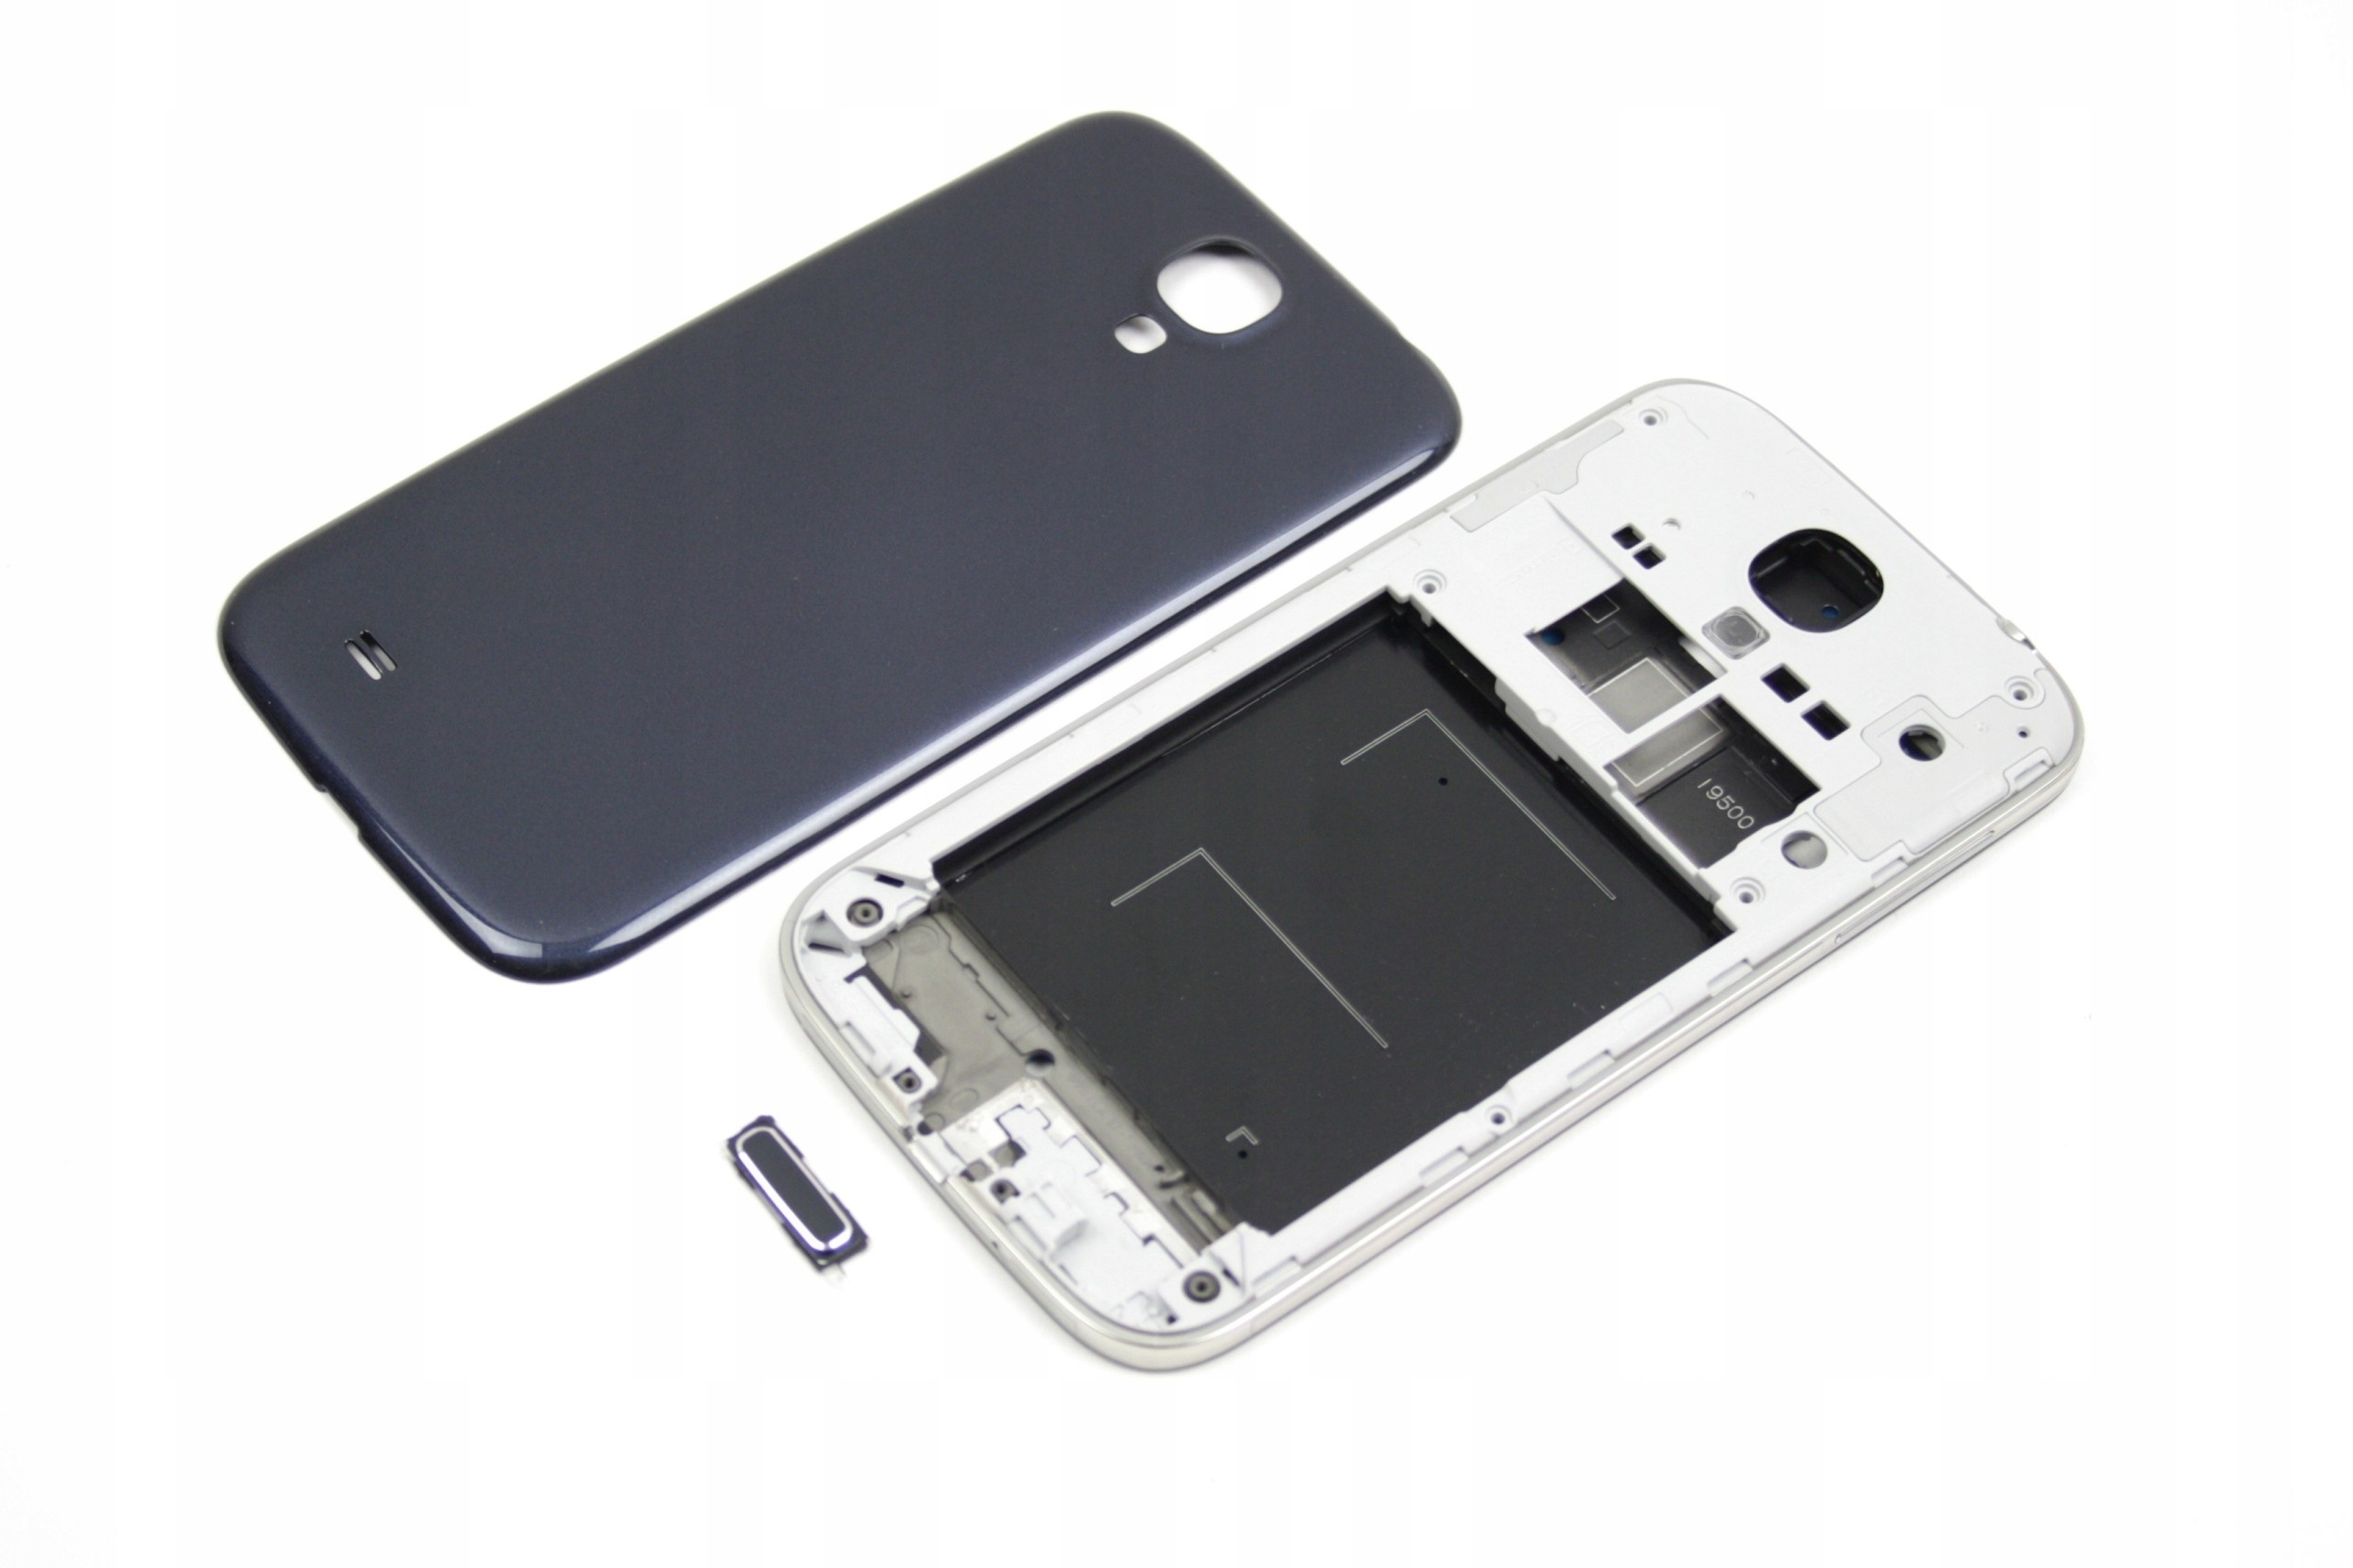 Samsung Obudowa Galaxy S4 Tylna Klapka I9500 Klapa